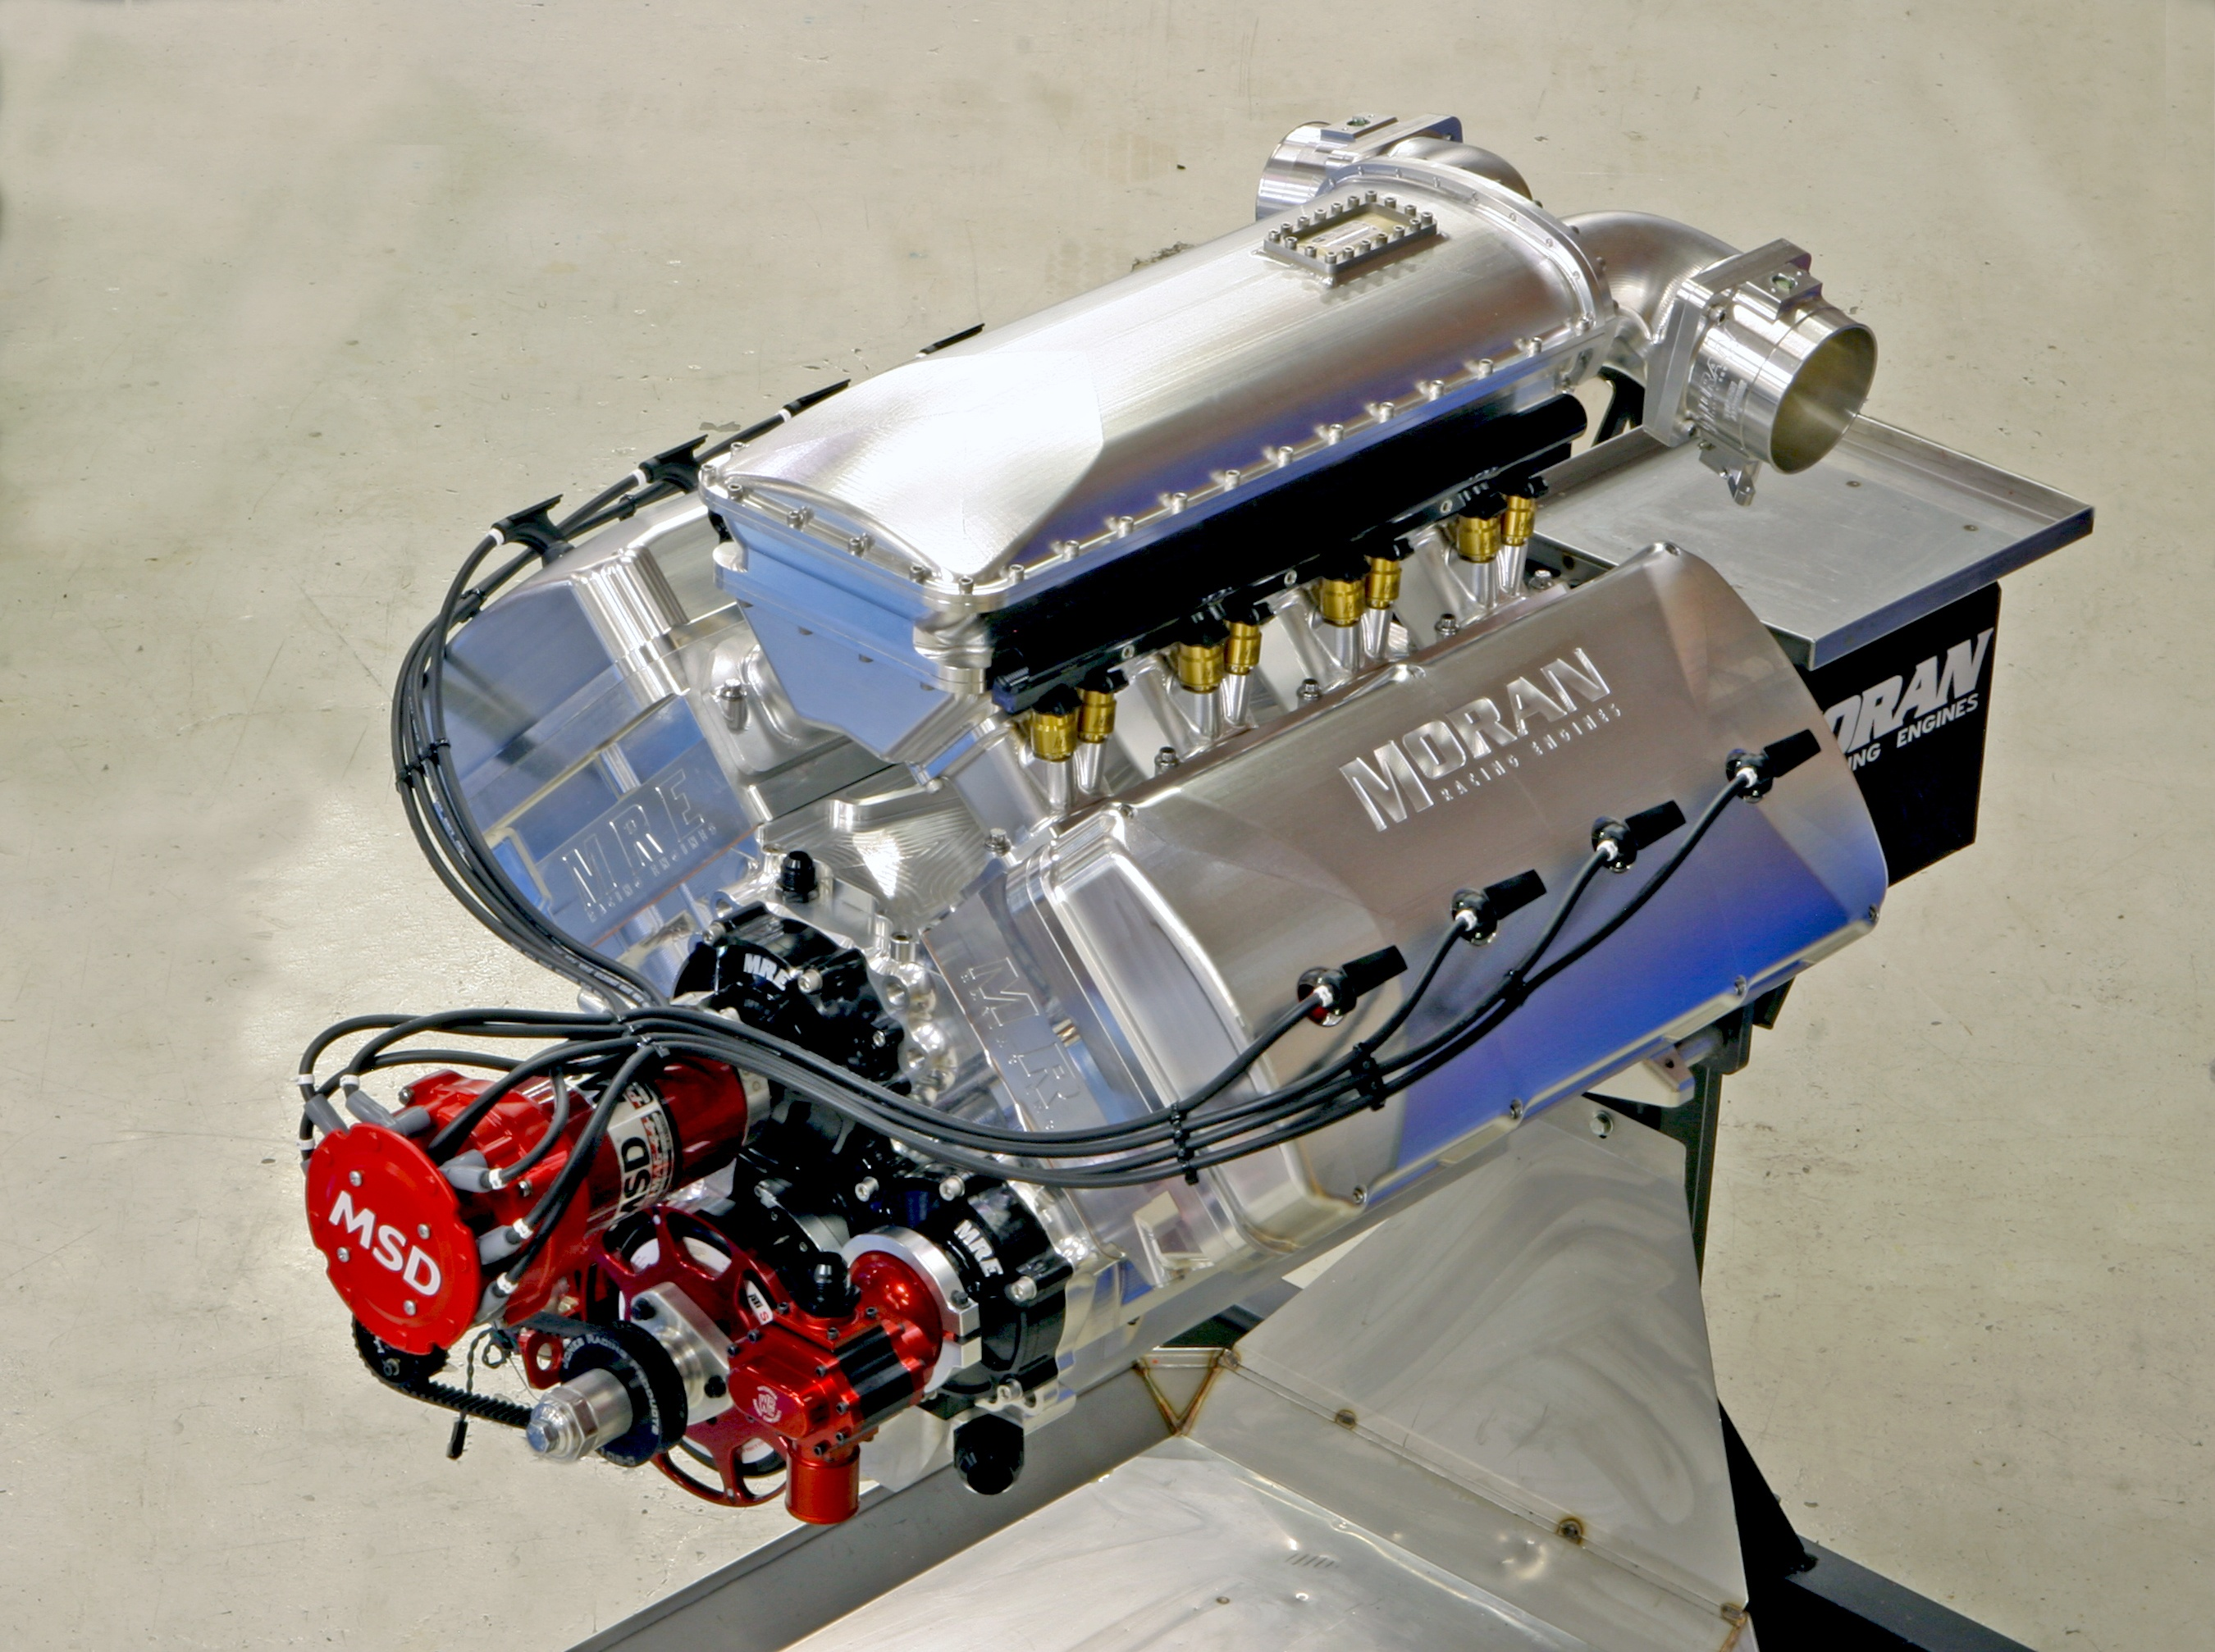 005-Mike-Moran-Diamond-Pistons-5300.jpg